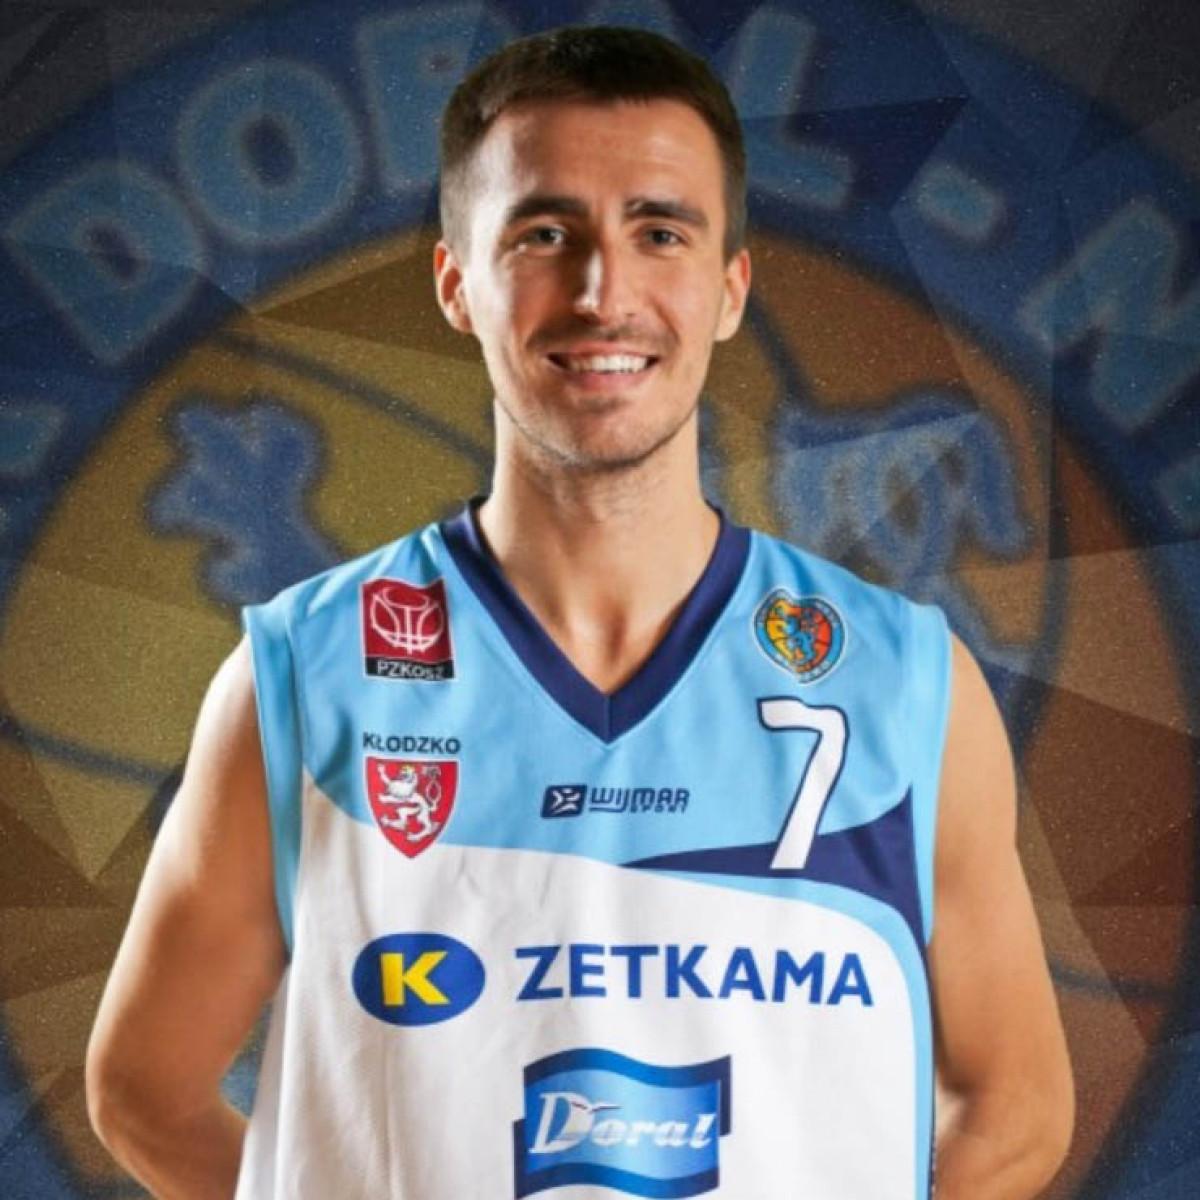 Photo of Aleksander Lenczuk, 2016-2017 season